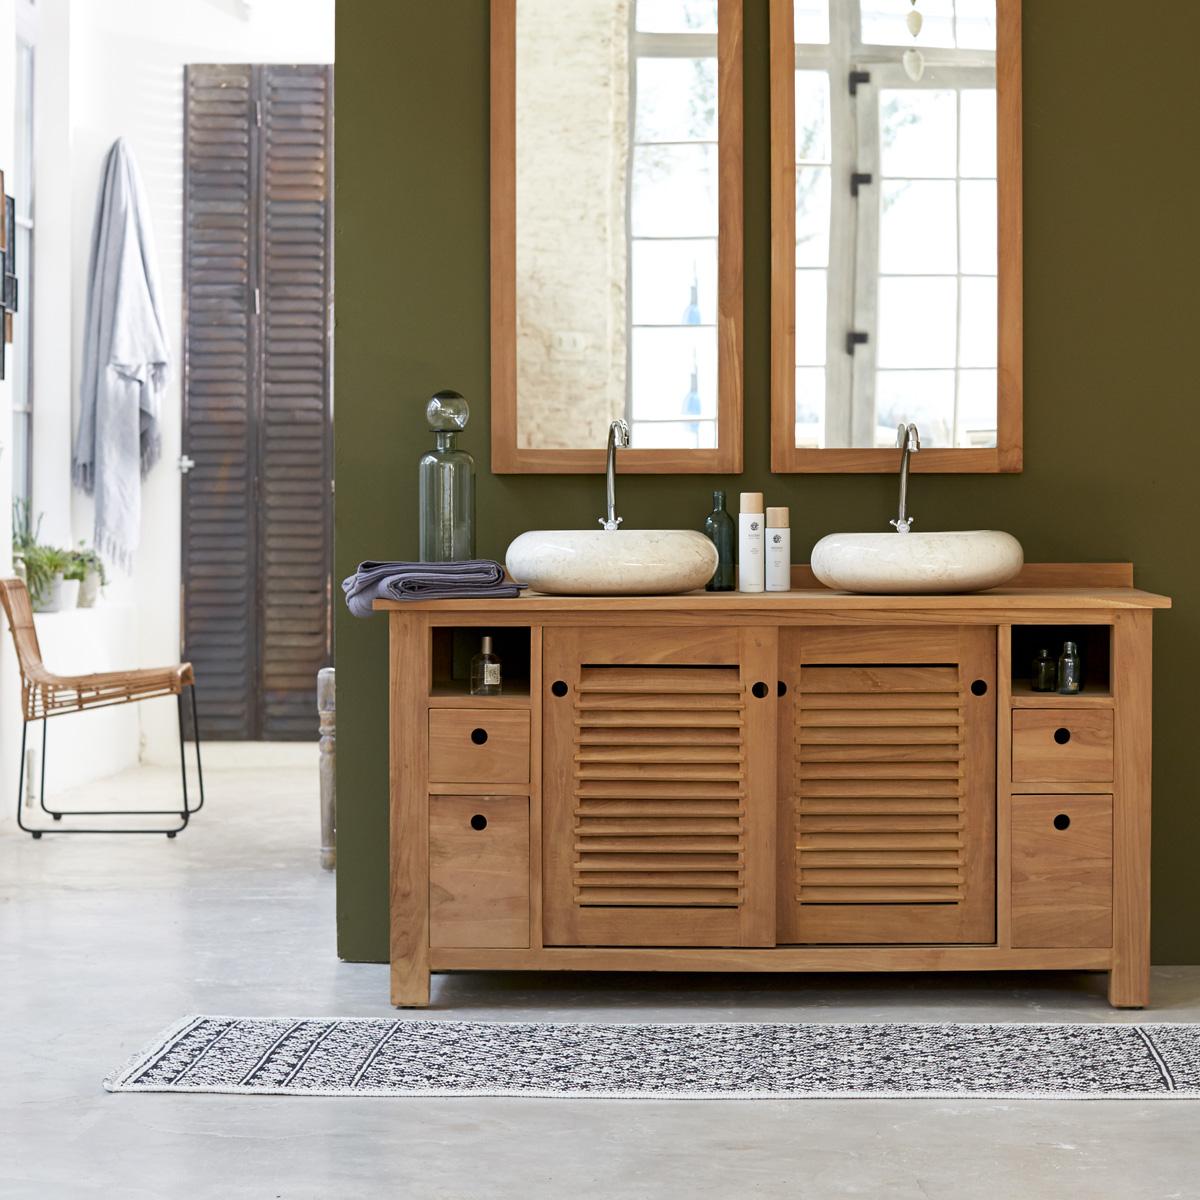 Meuble salle de bain bambou